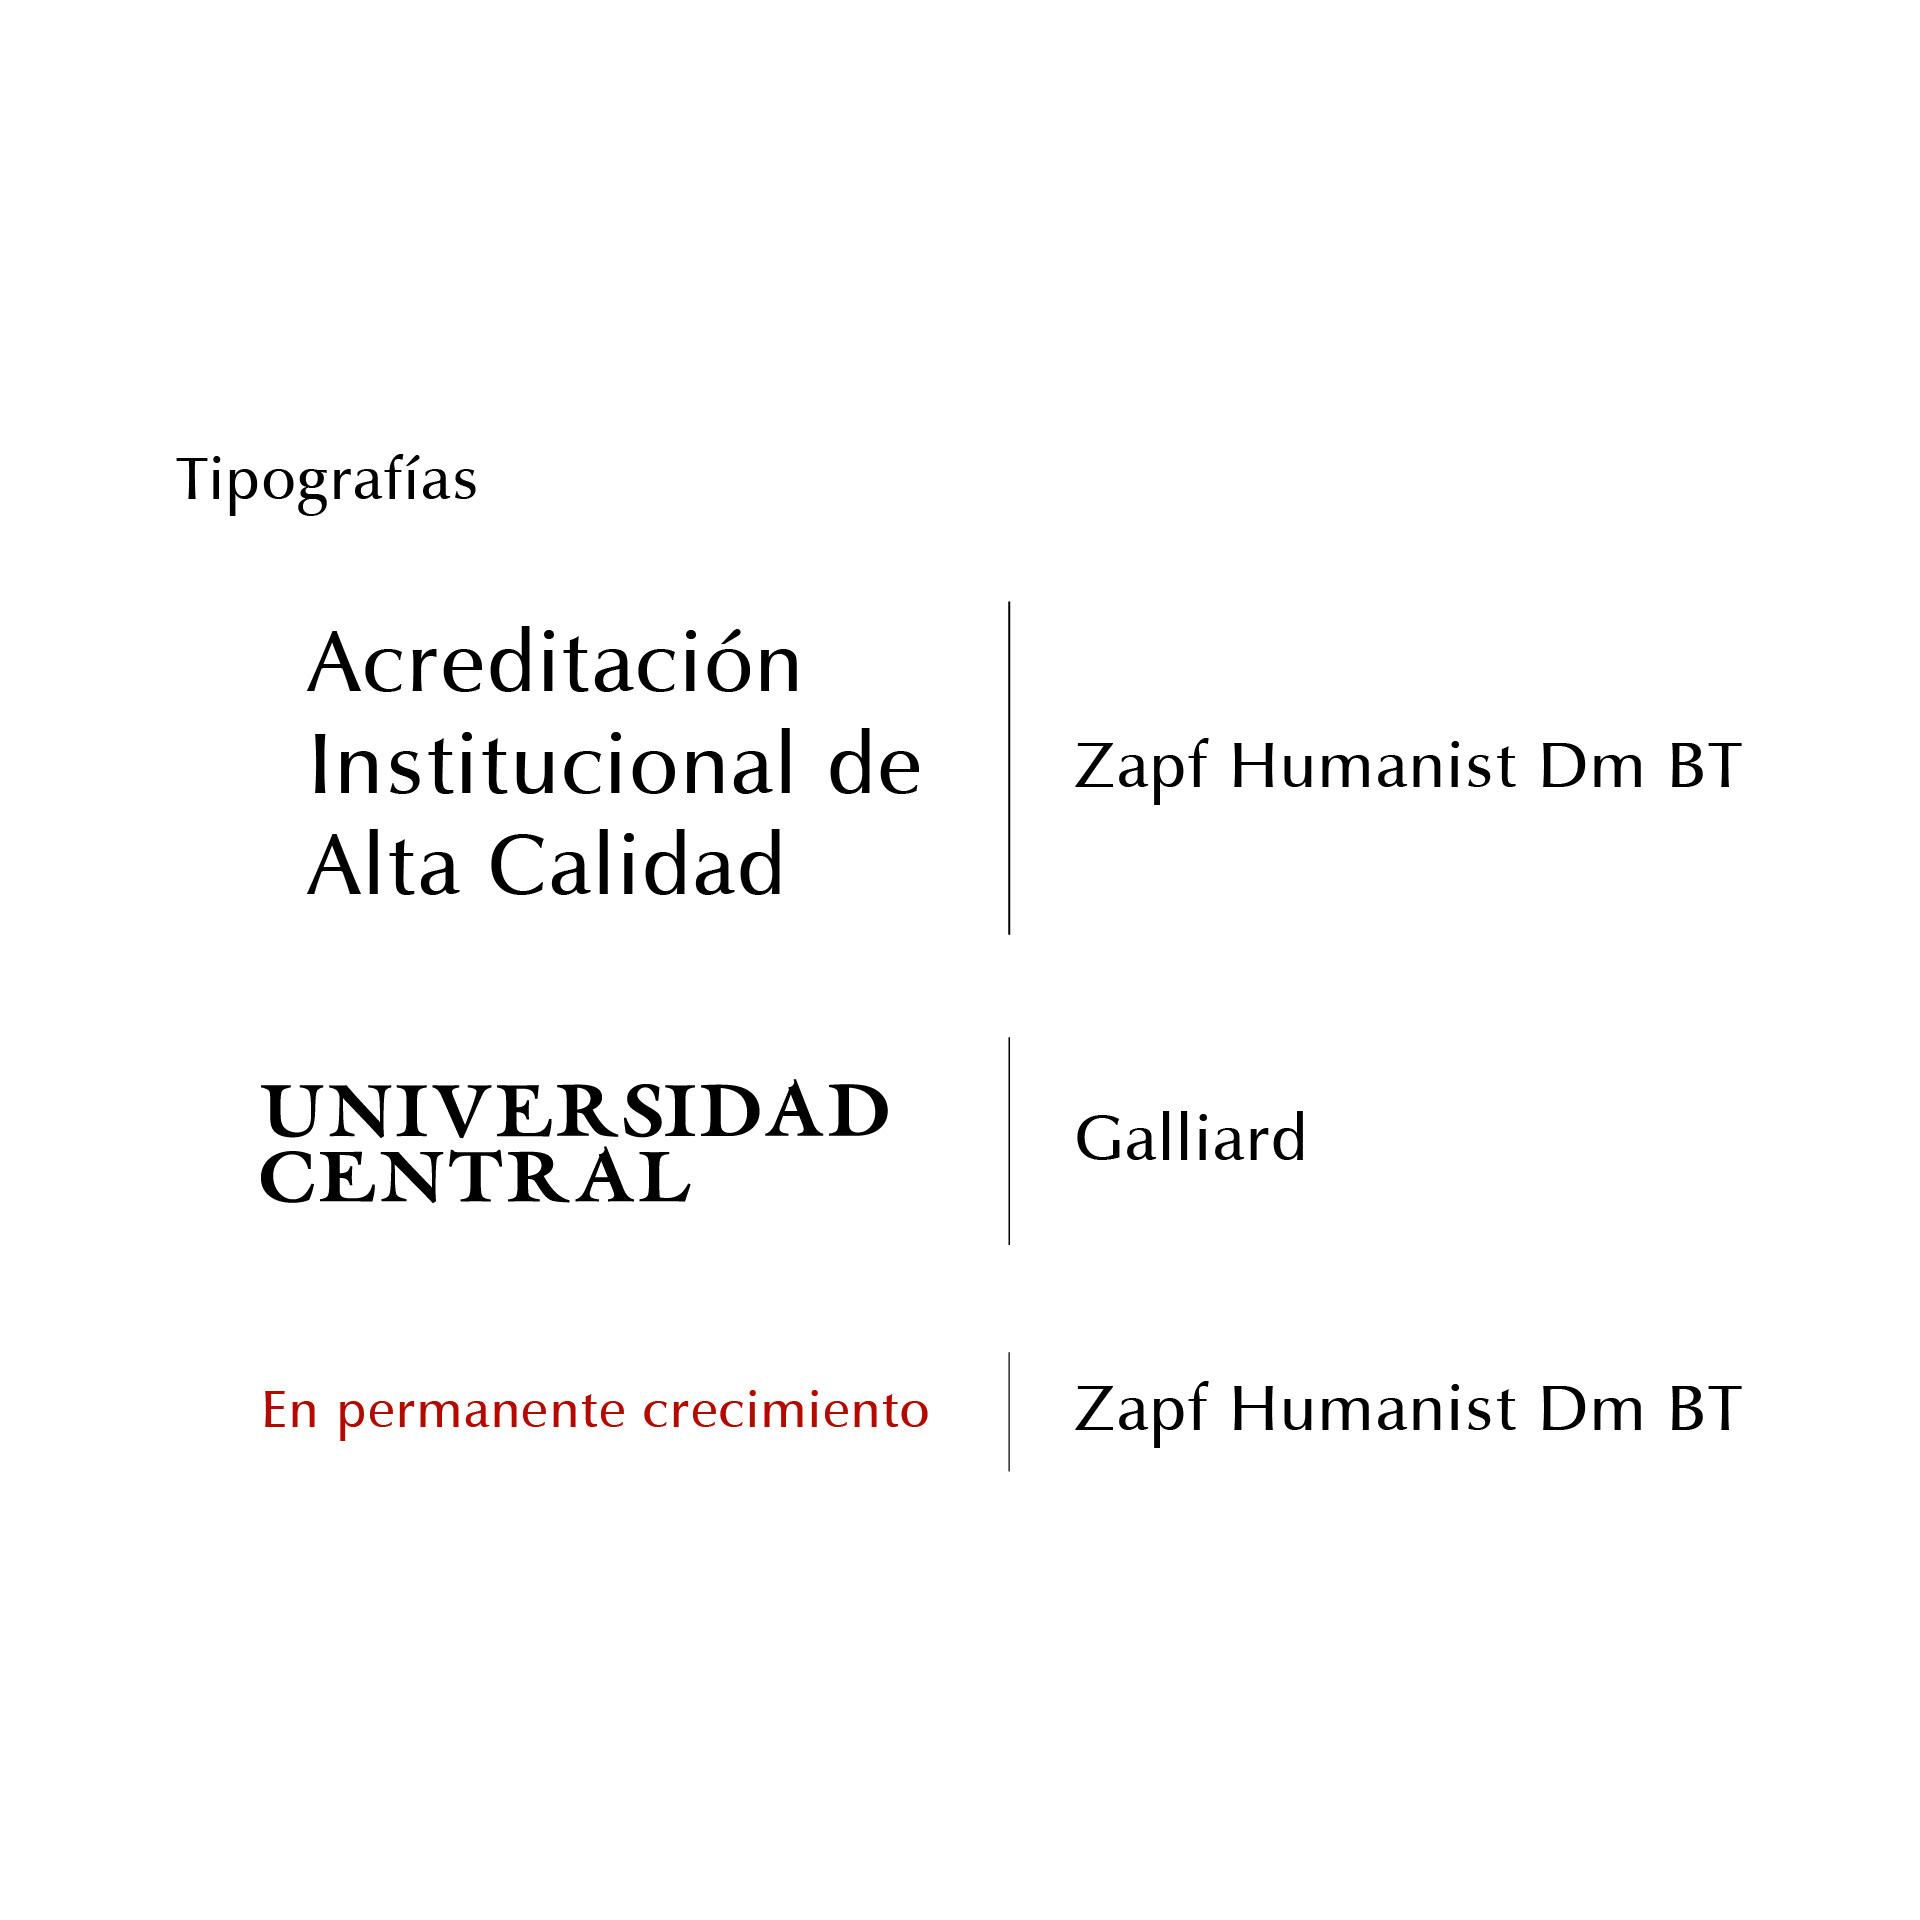 Diseño de Identidad Visual y Logotipo para la marca Acreditación Institucional de Alta Calidad - Universidad Central